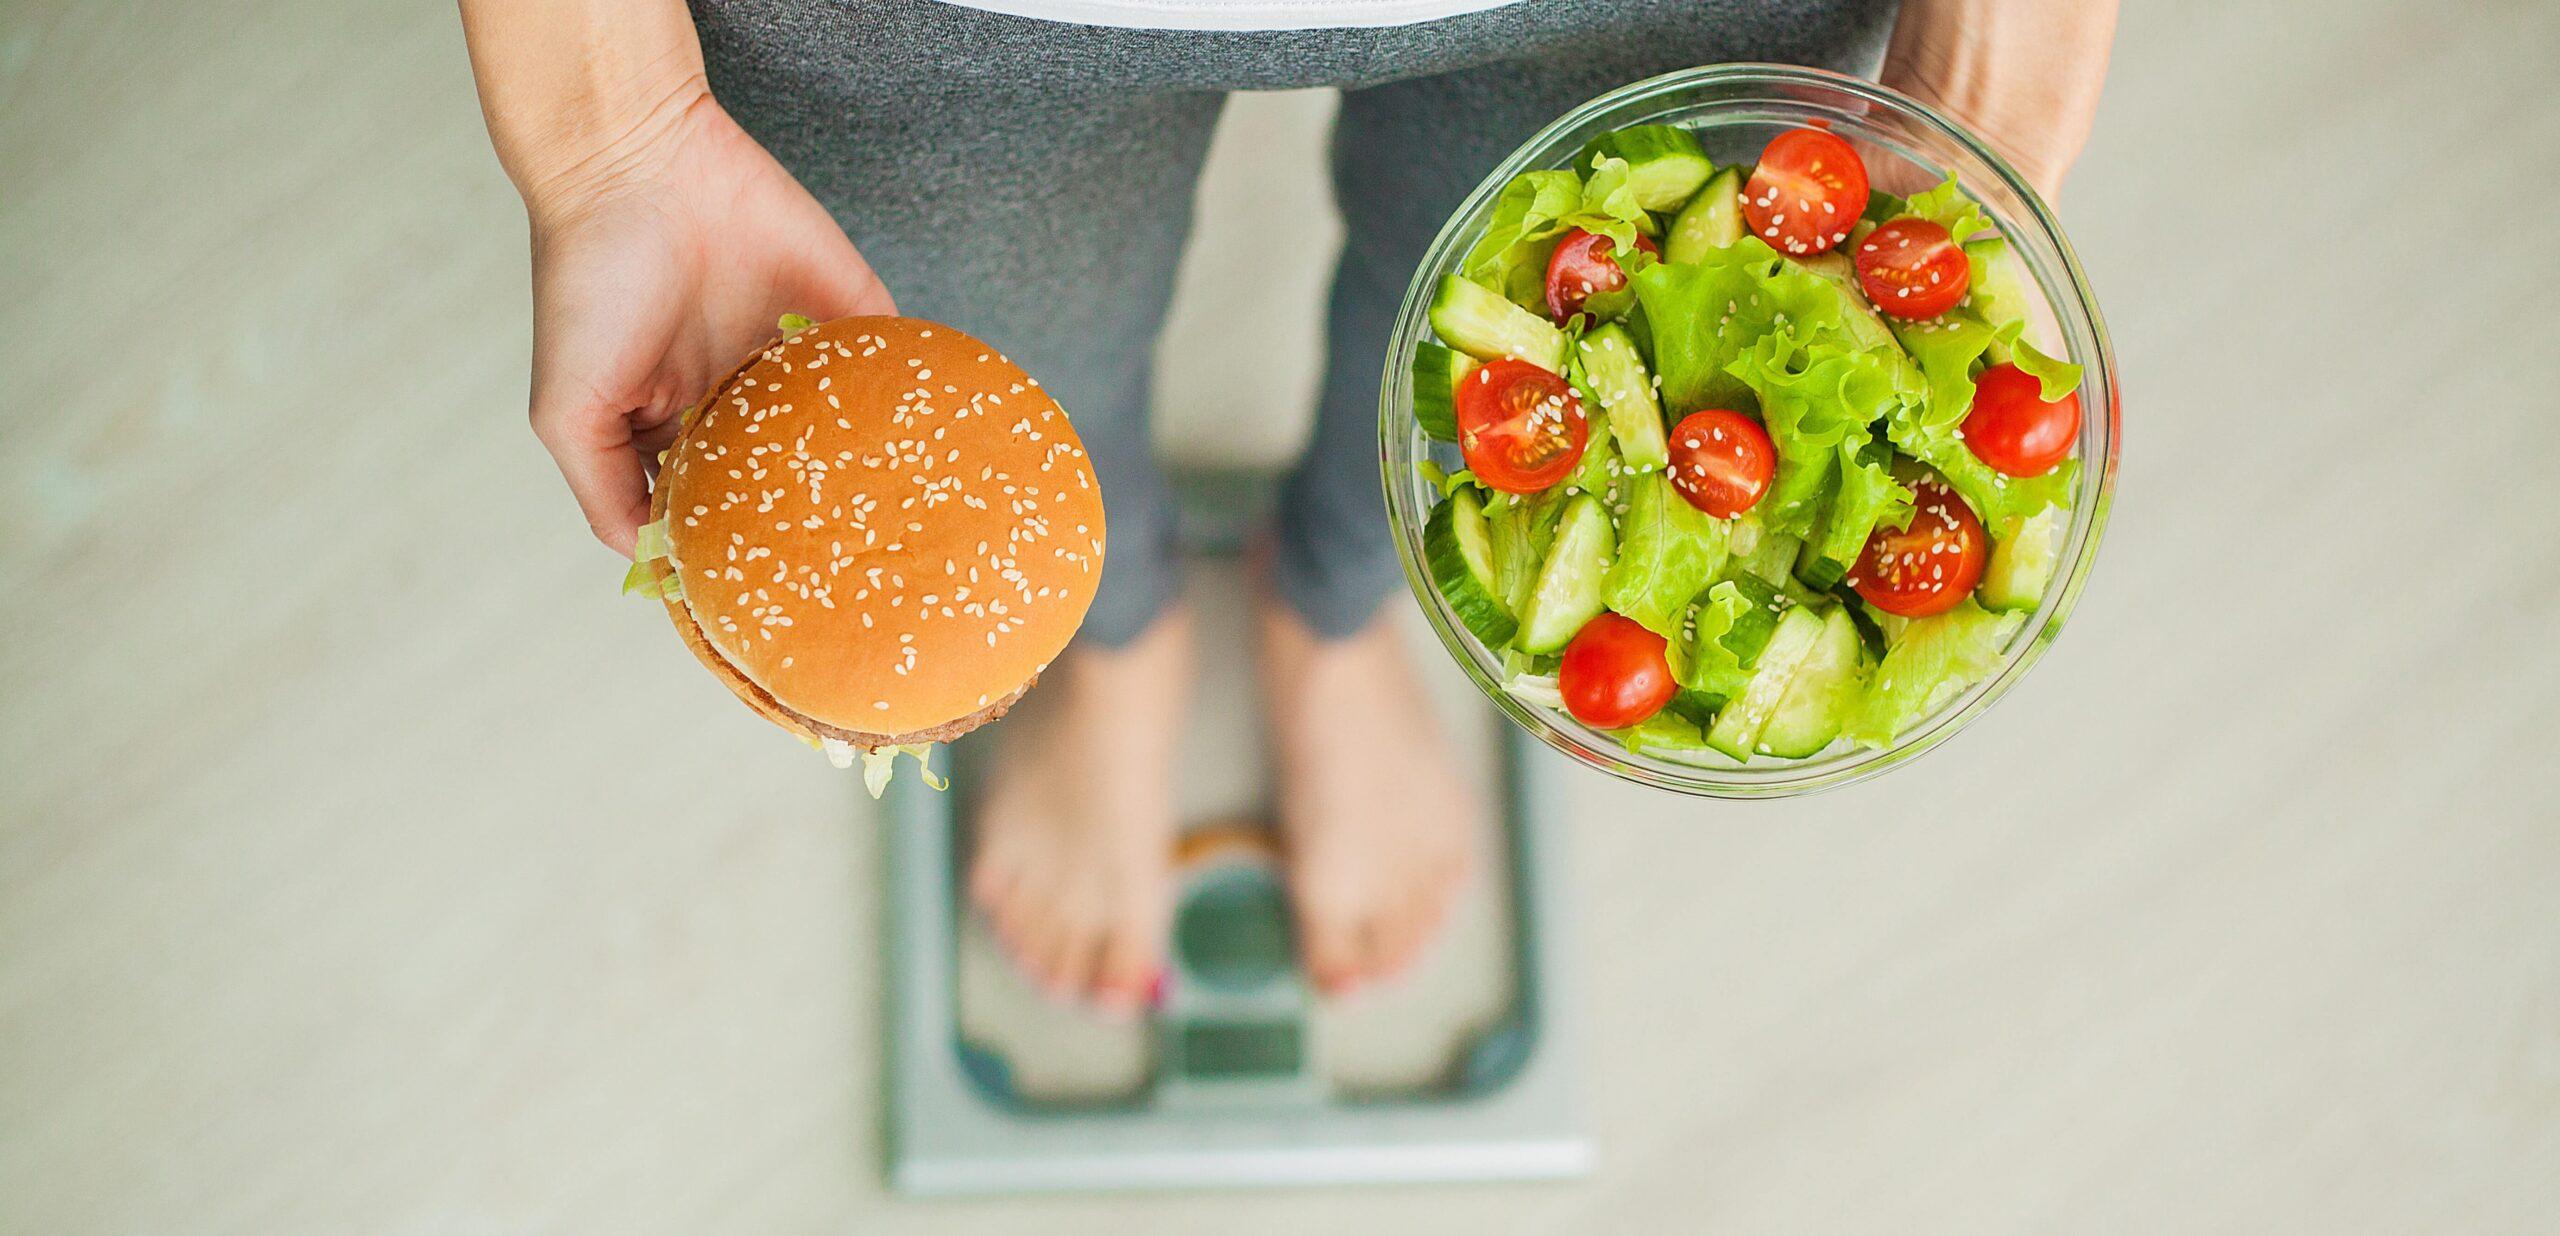 colesterolo buono hdl e cattivo ldl nella dieta